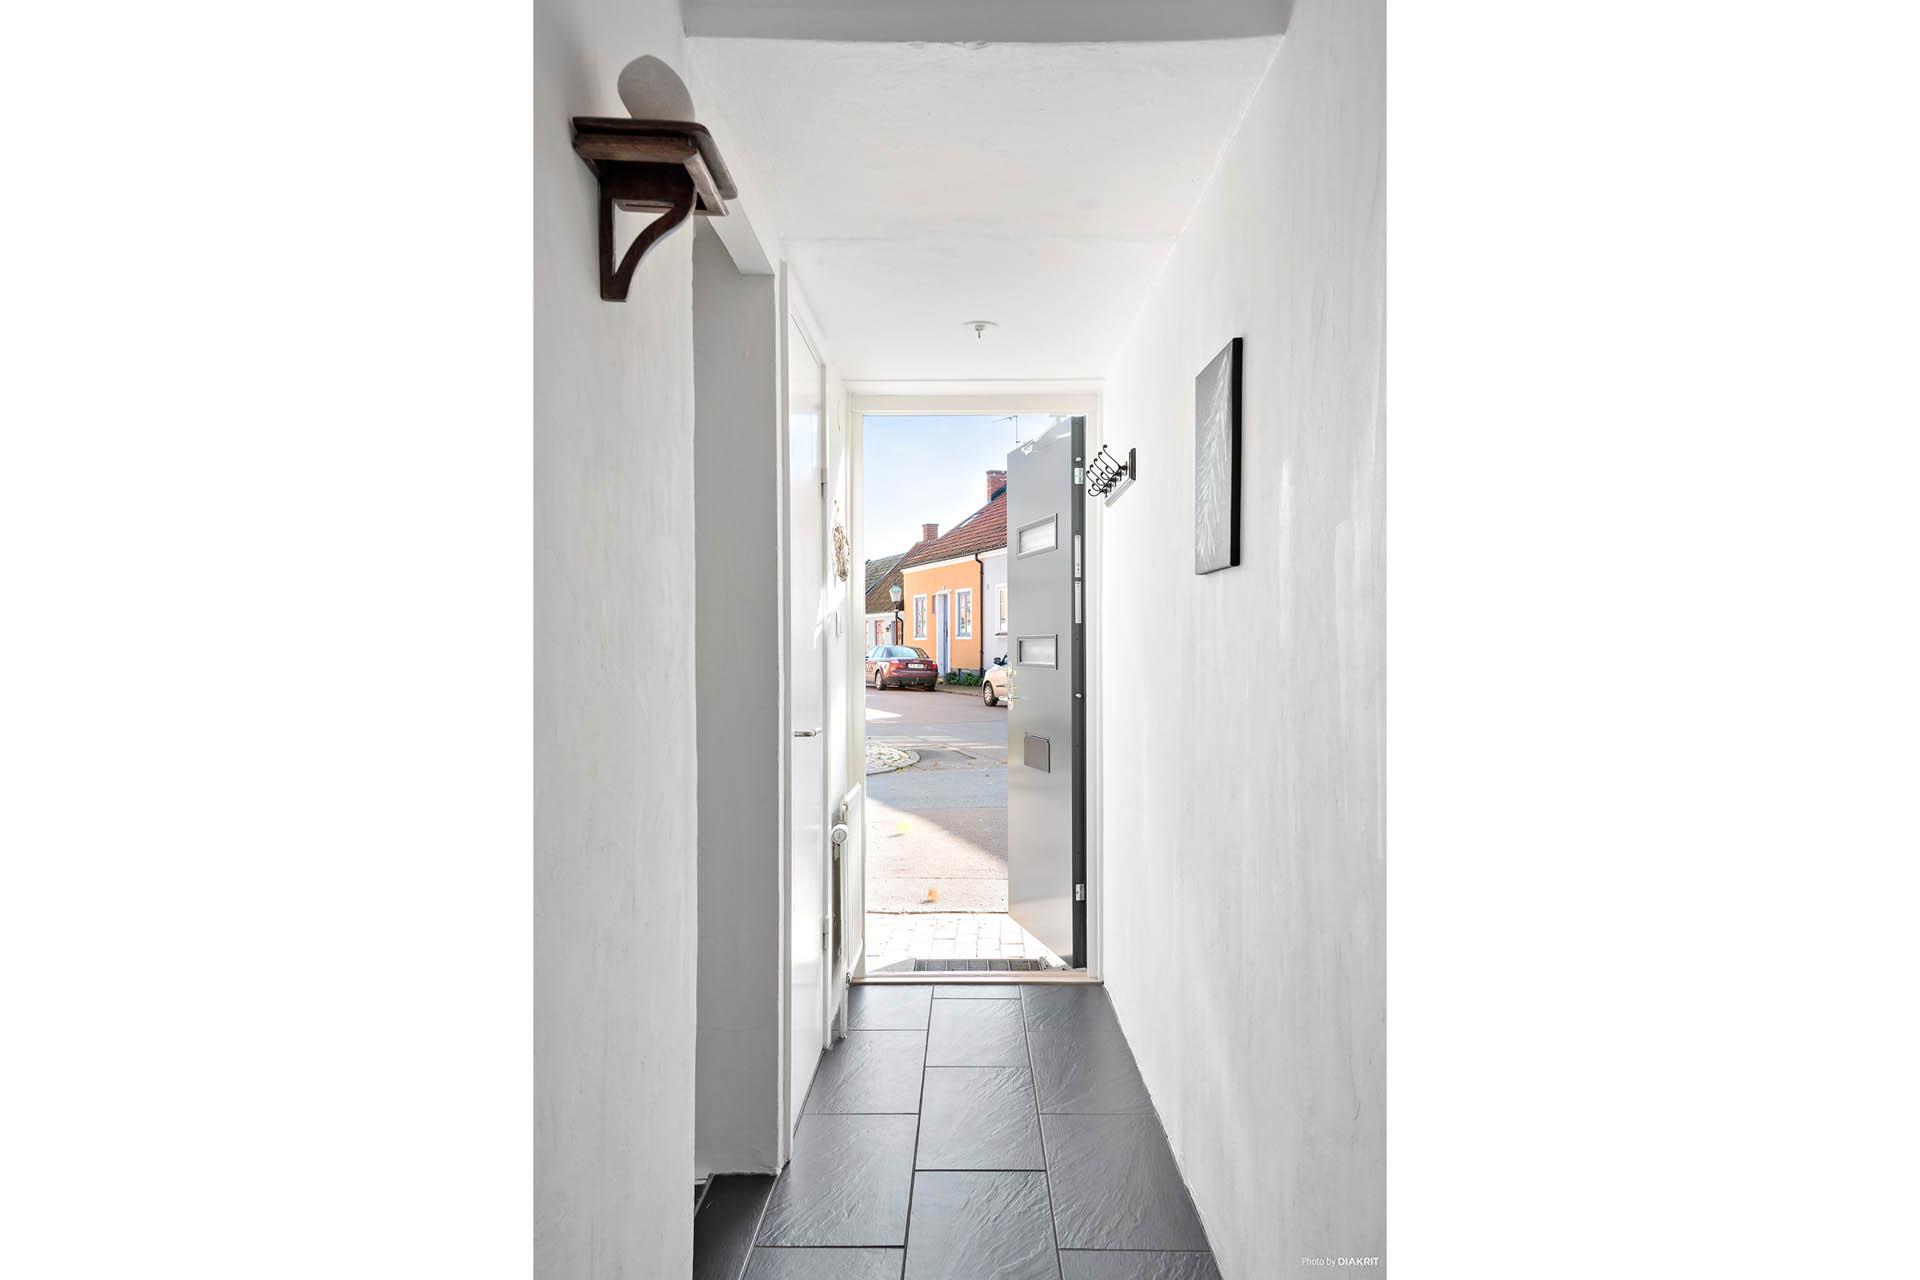 Entré / hall mot gästtoalett och trappa till källaren till vänster